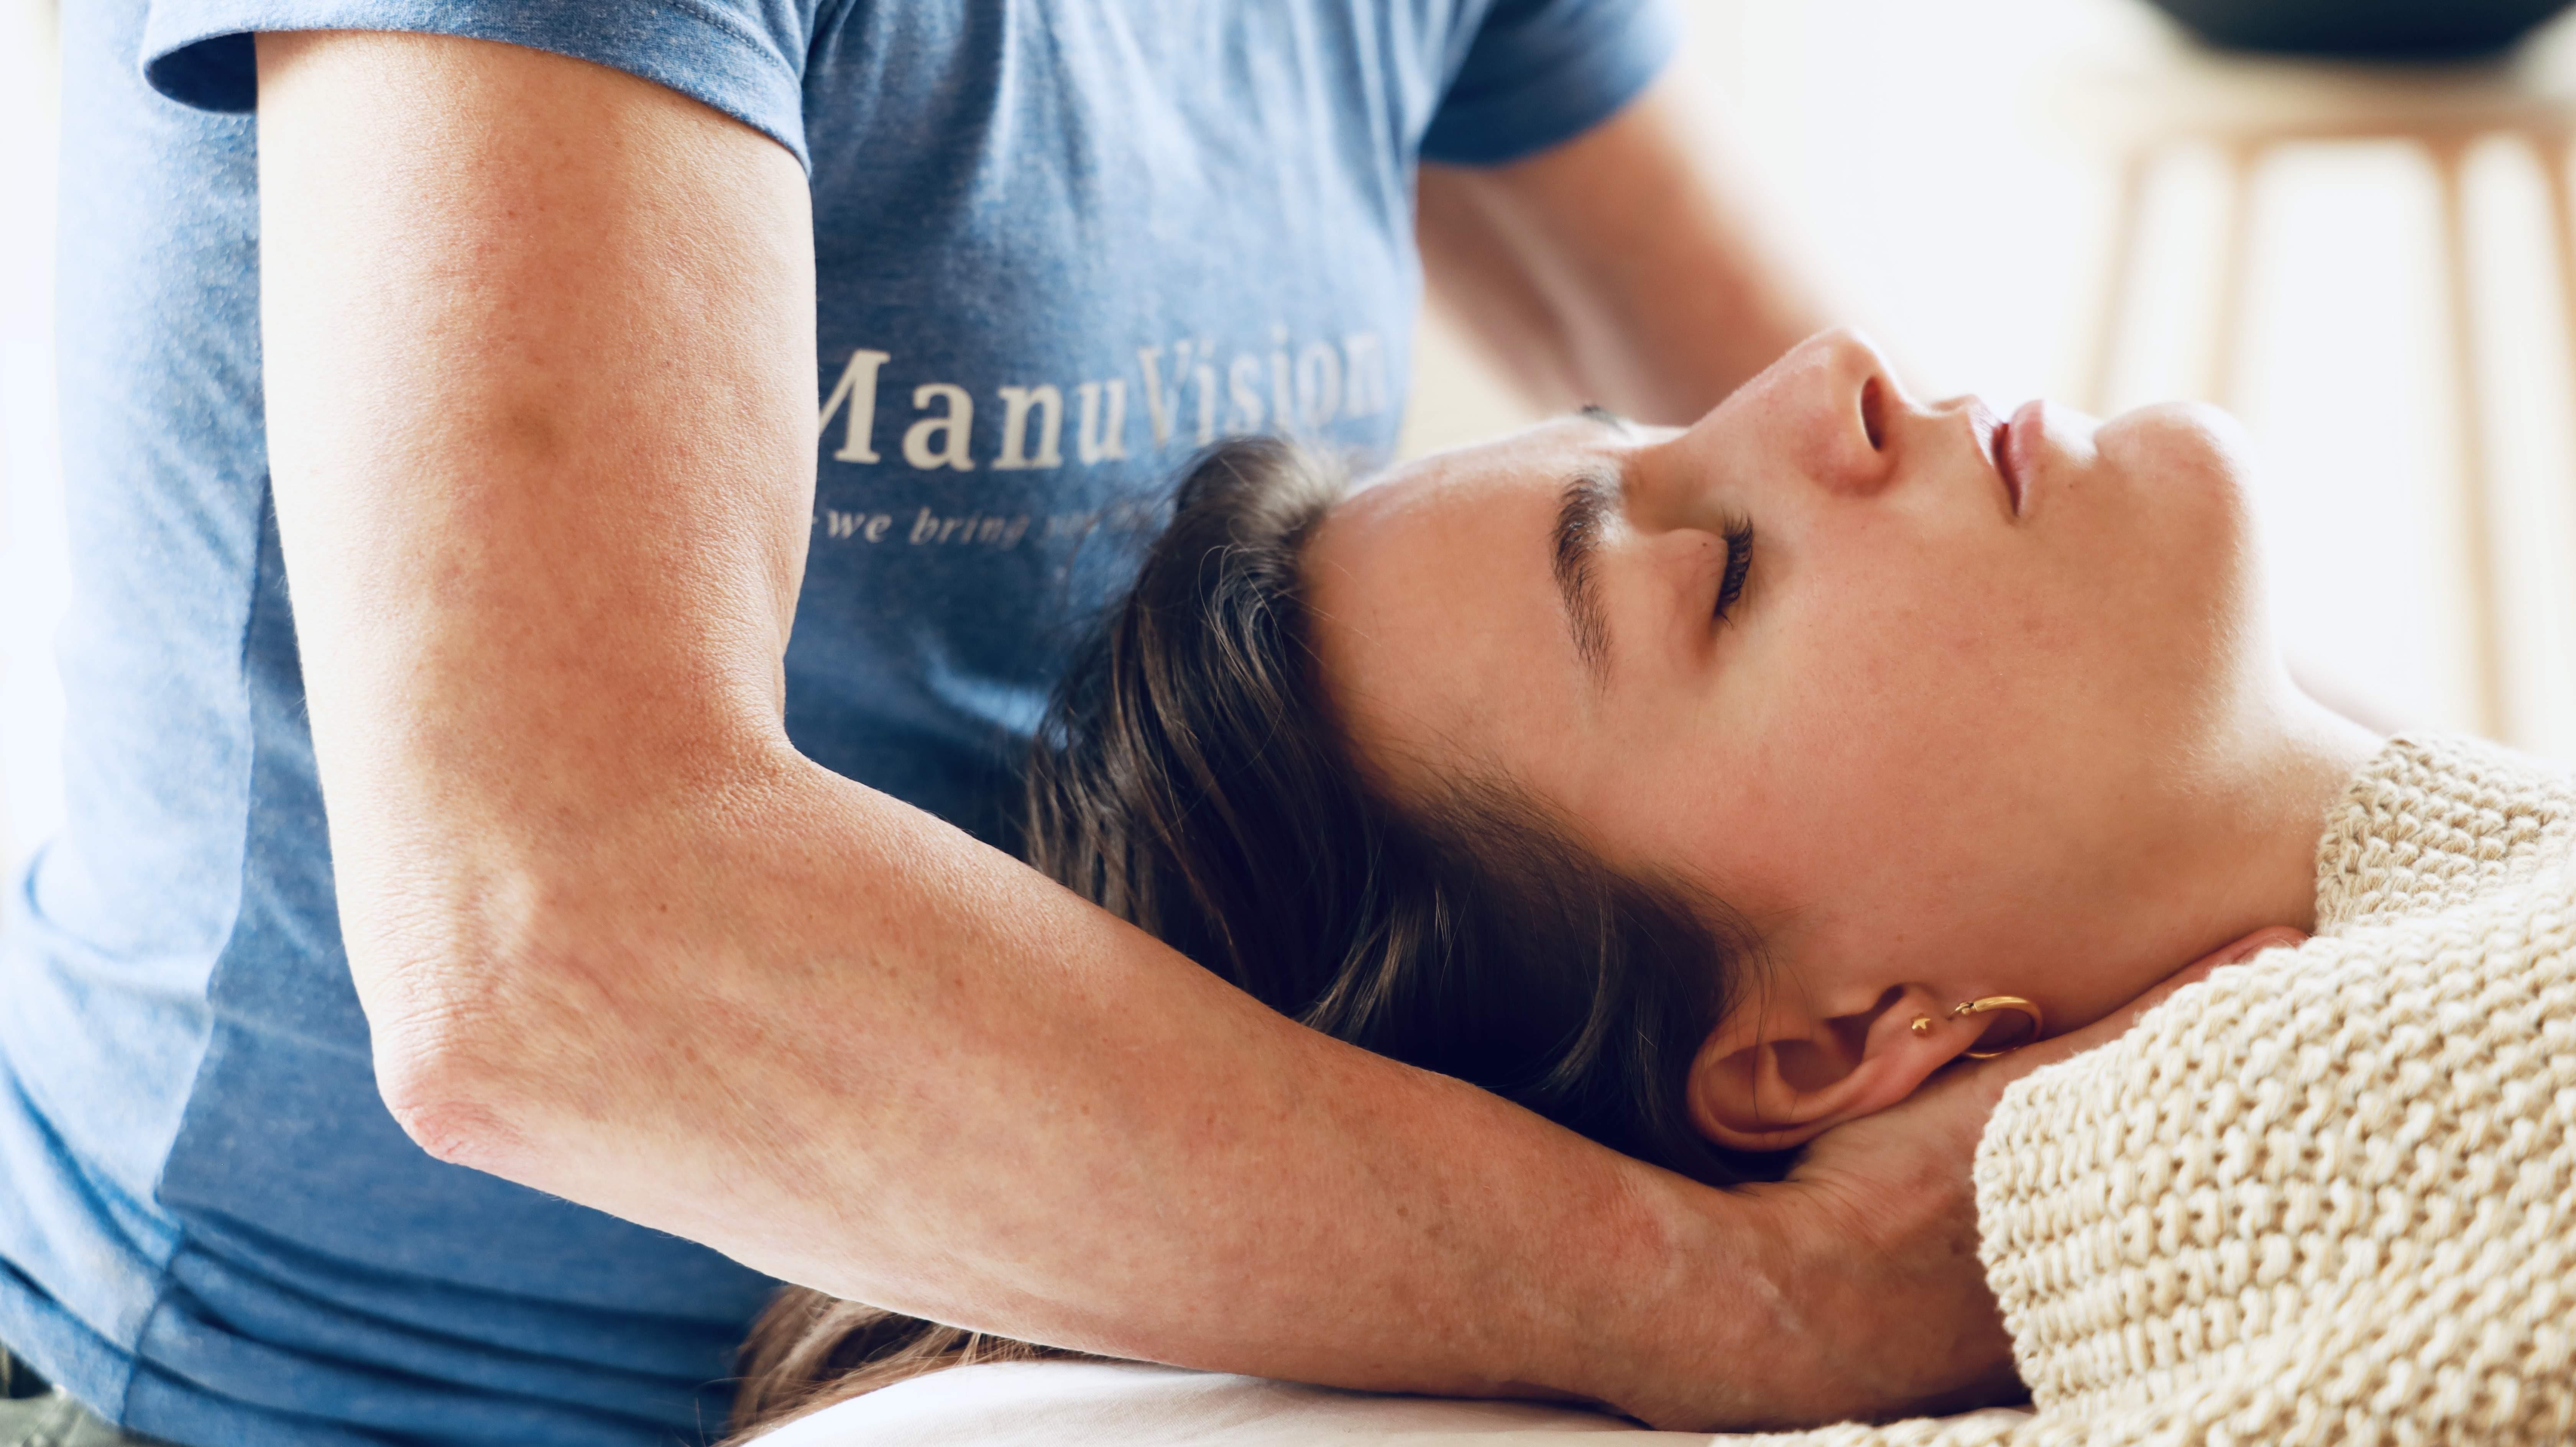 Få hjælp til lindring hos en dygtig kropsterapeut